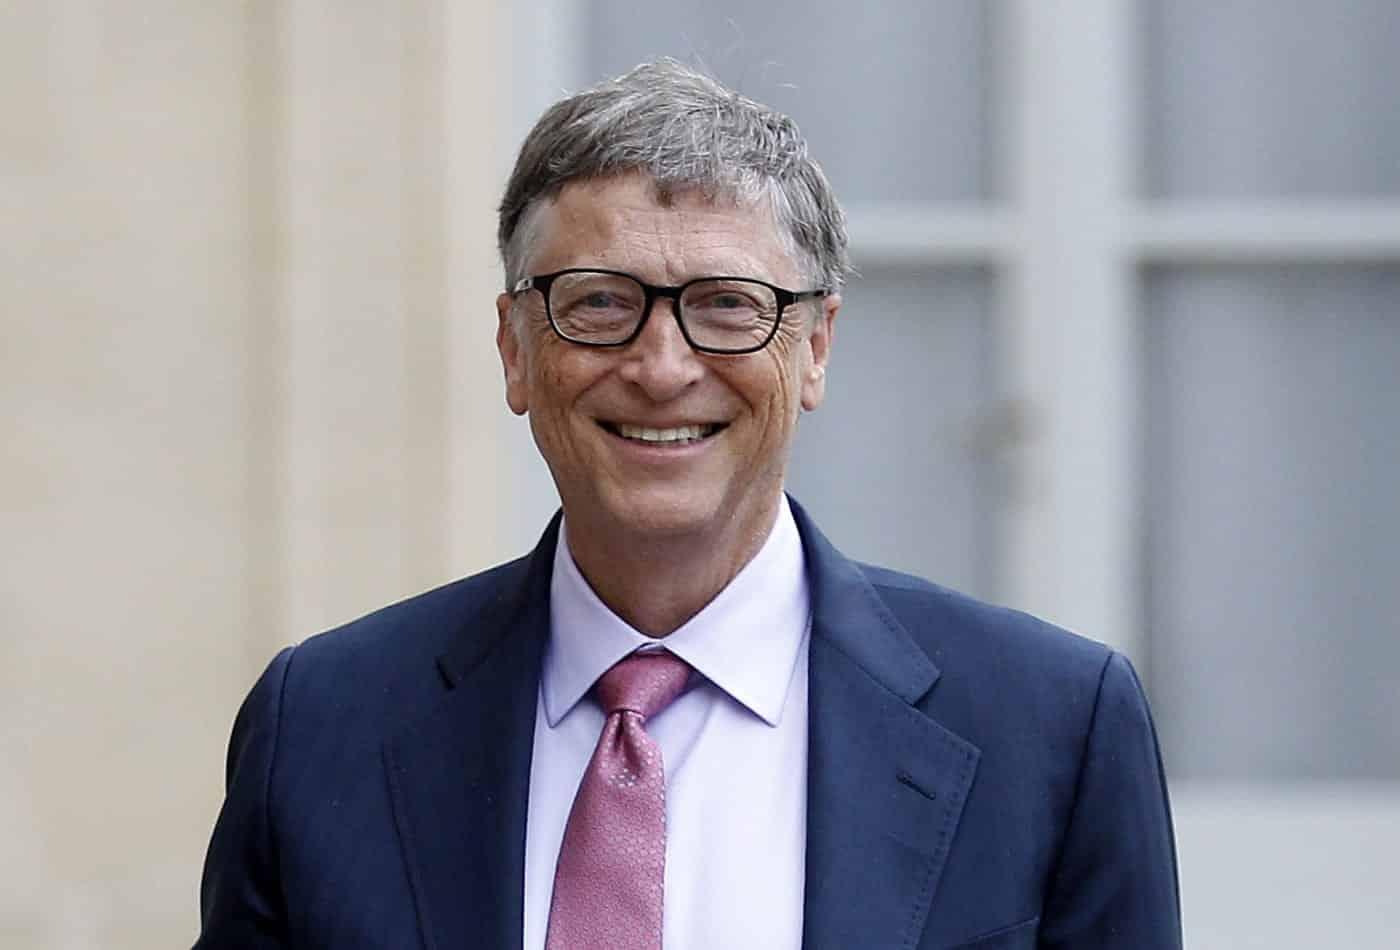 Bill_Gates-min